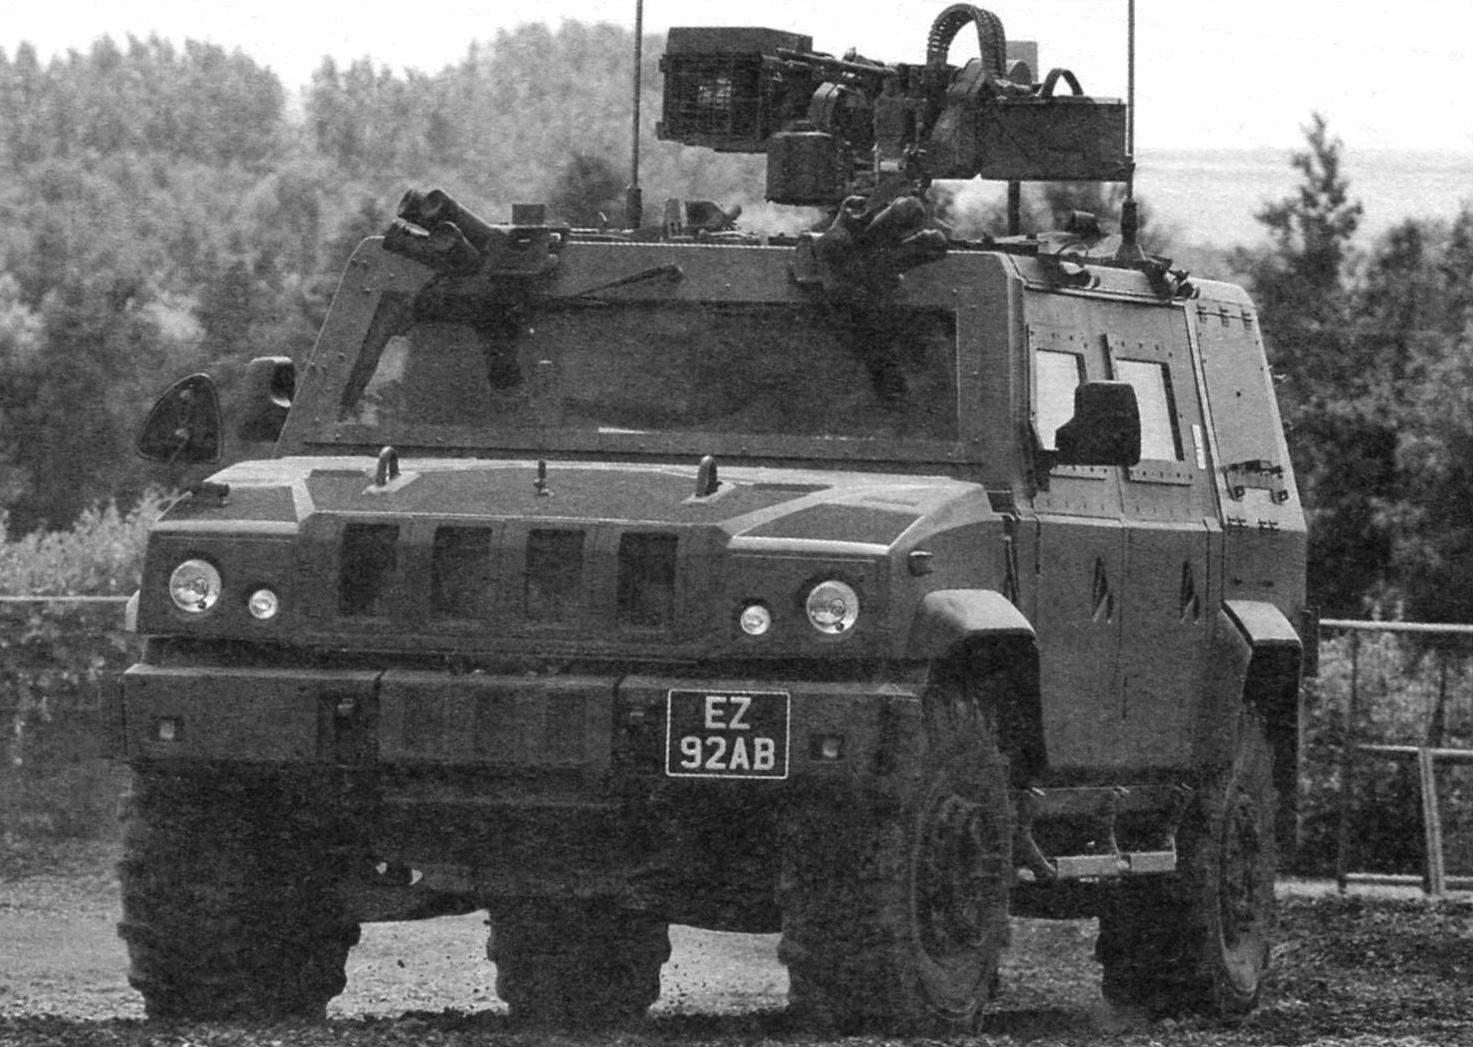 Итальянская «Ивеко», вооружённая 7,62-мм пулемётом и блоками гранатомётов